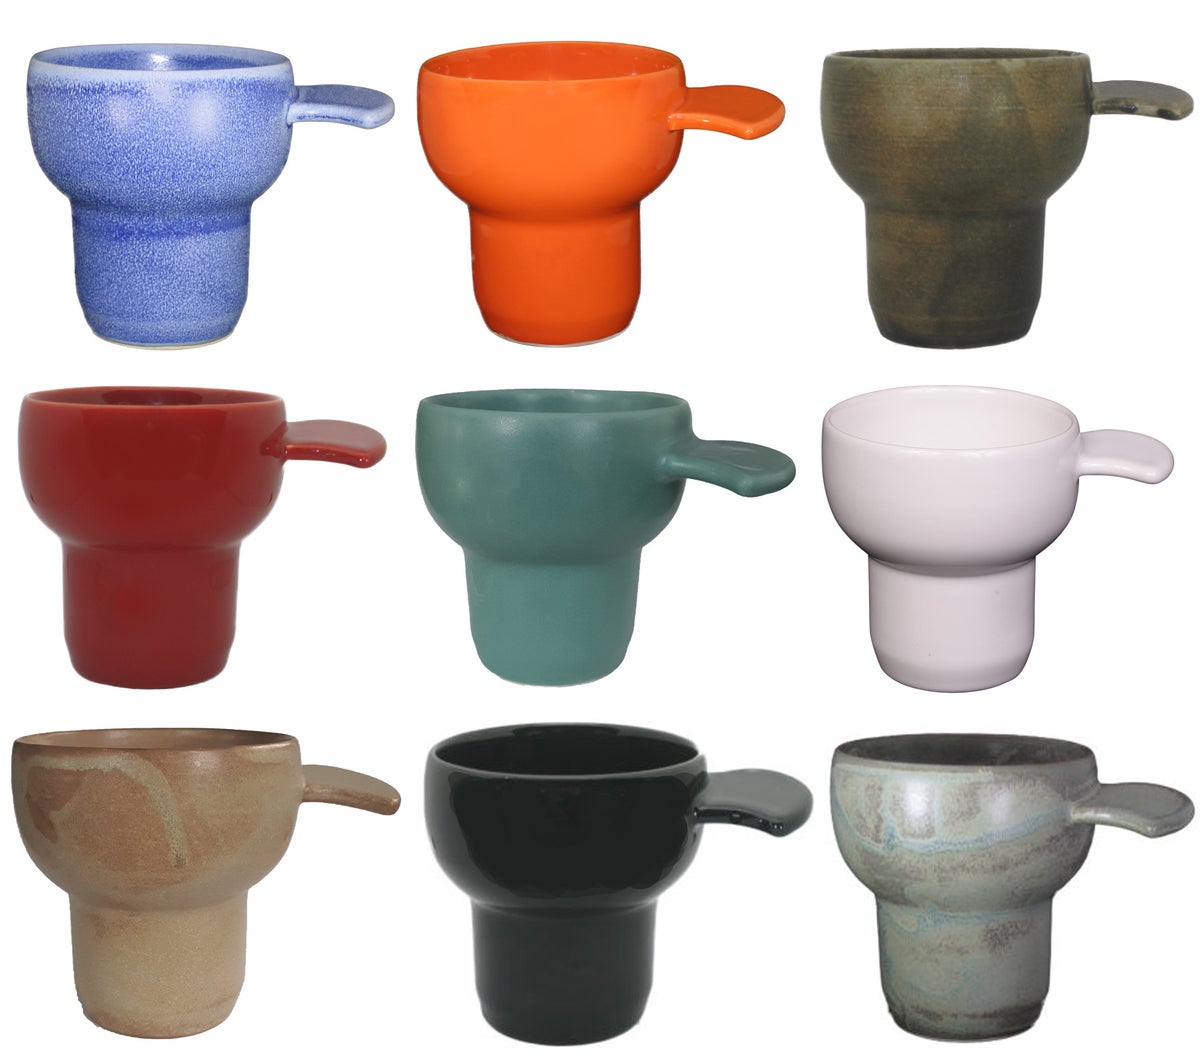 Flange Grip - Porcelain - Handmade